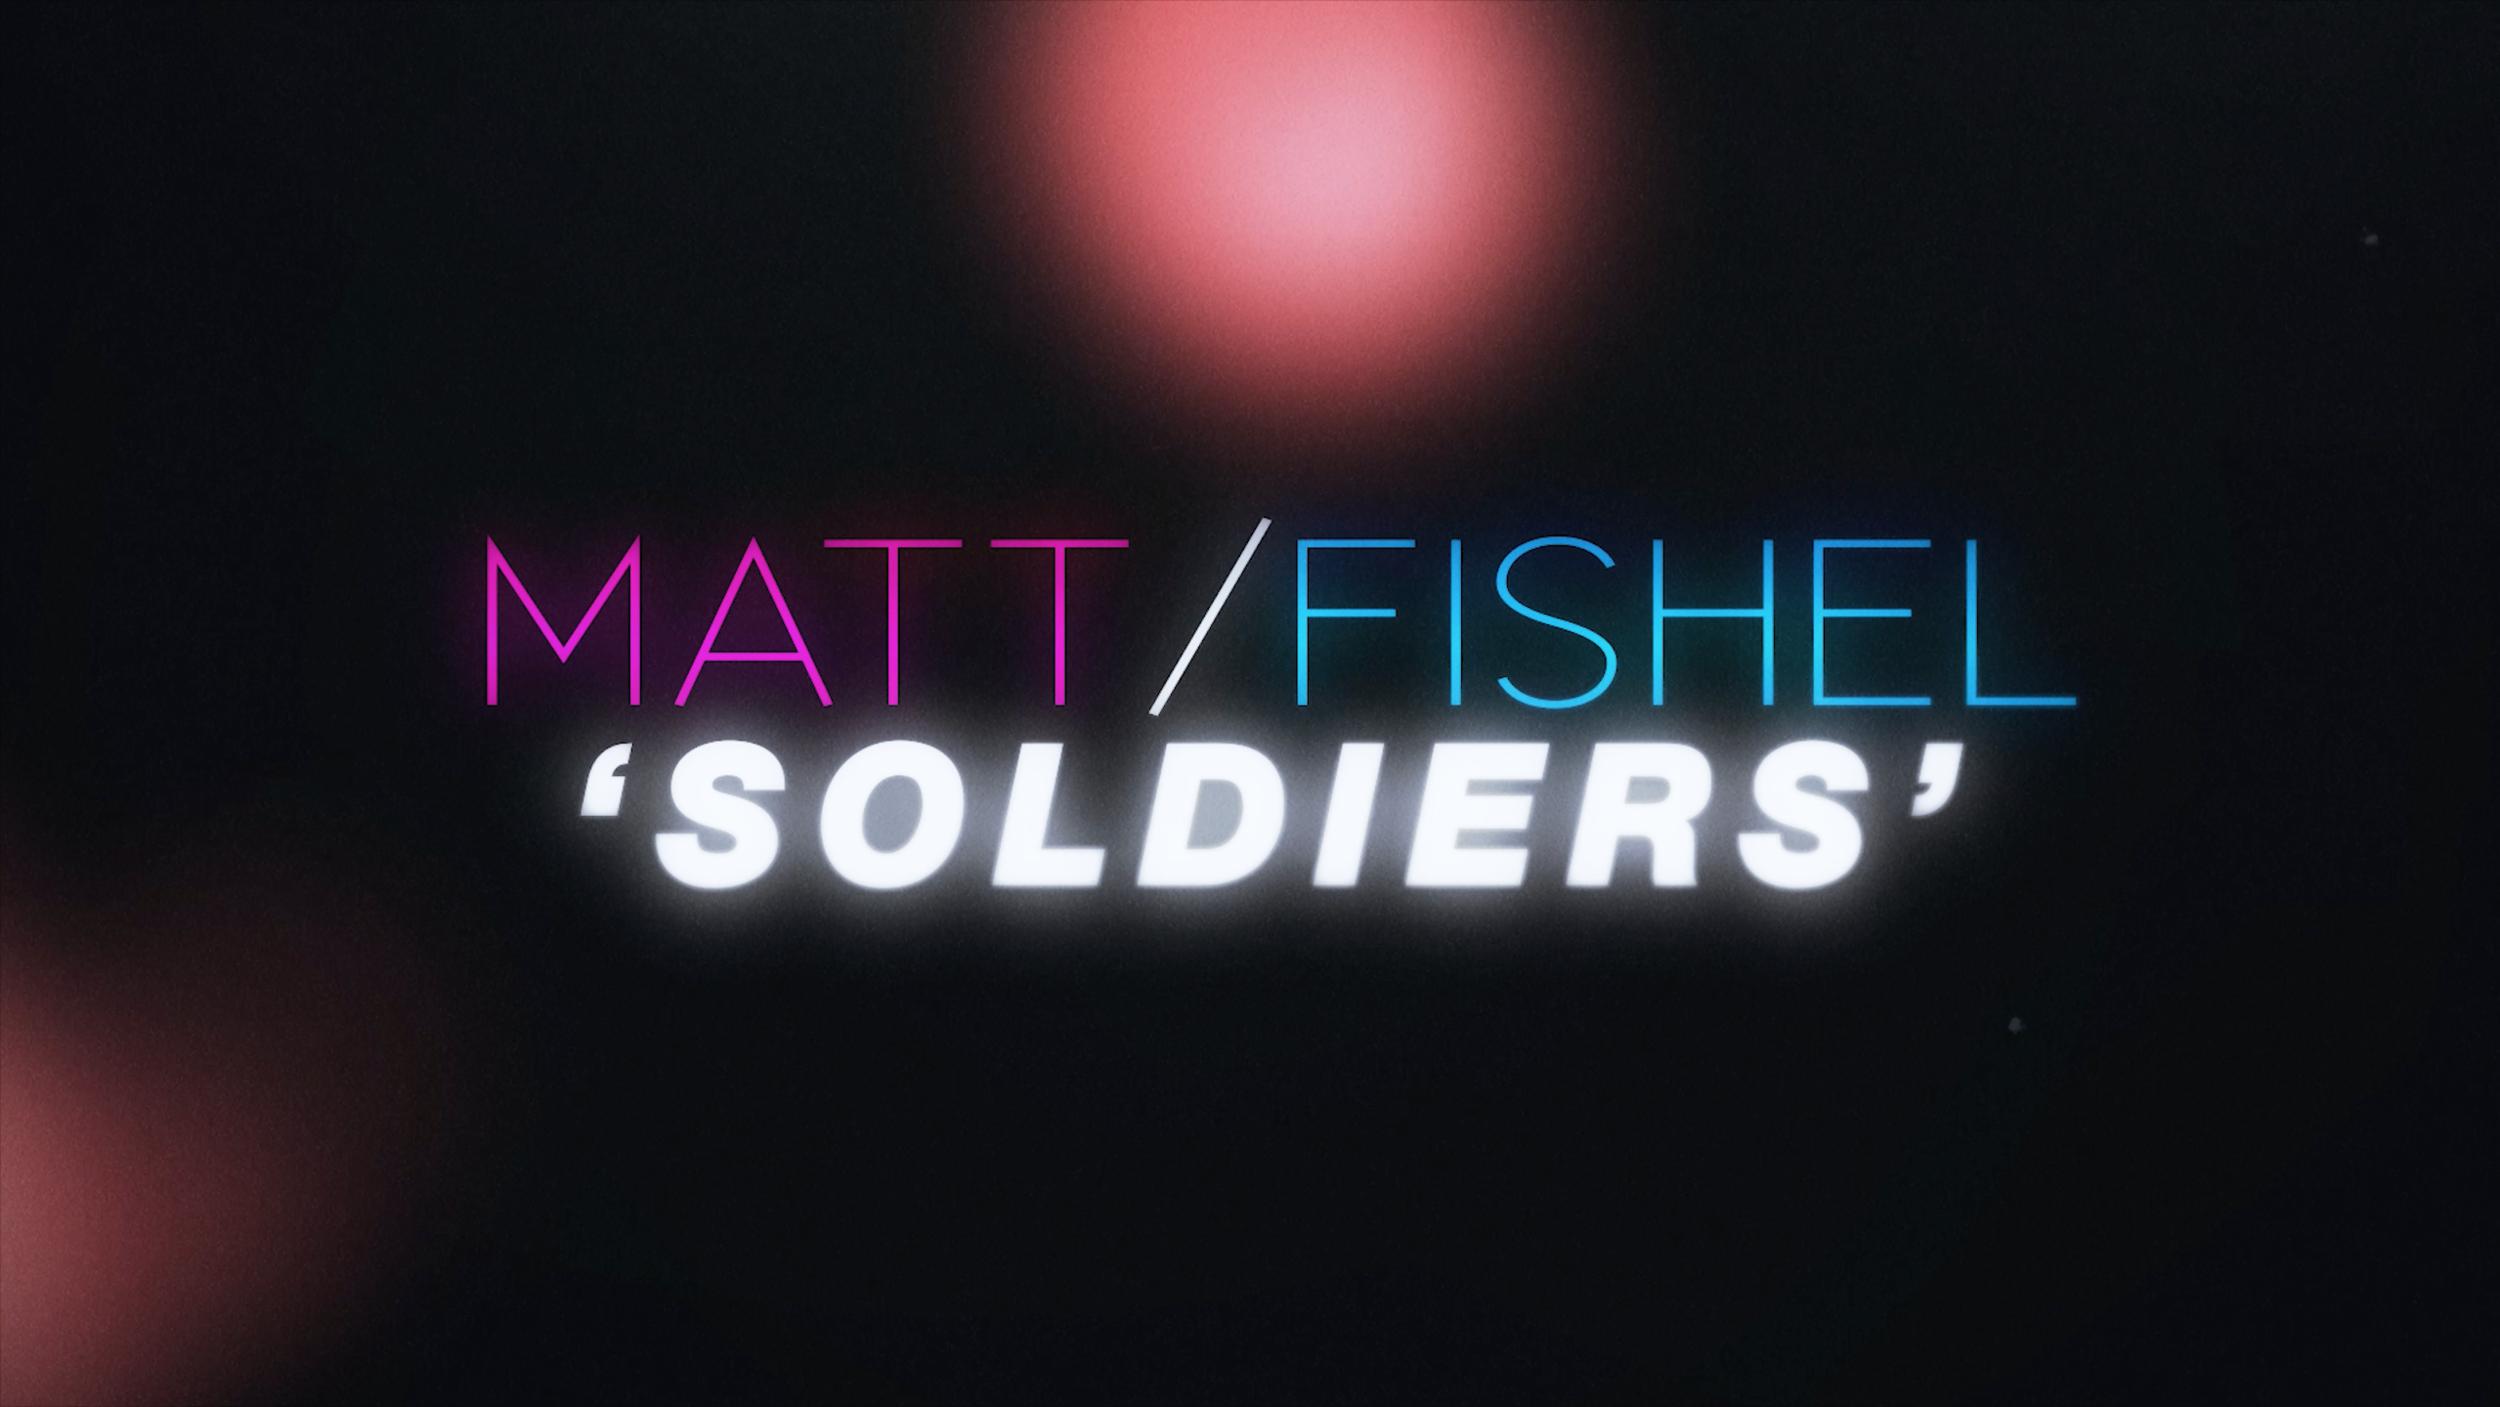 Matt FIshel_Soldiers_06.png